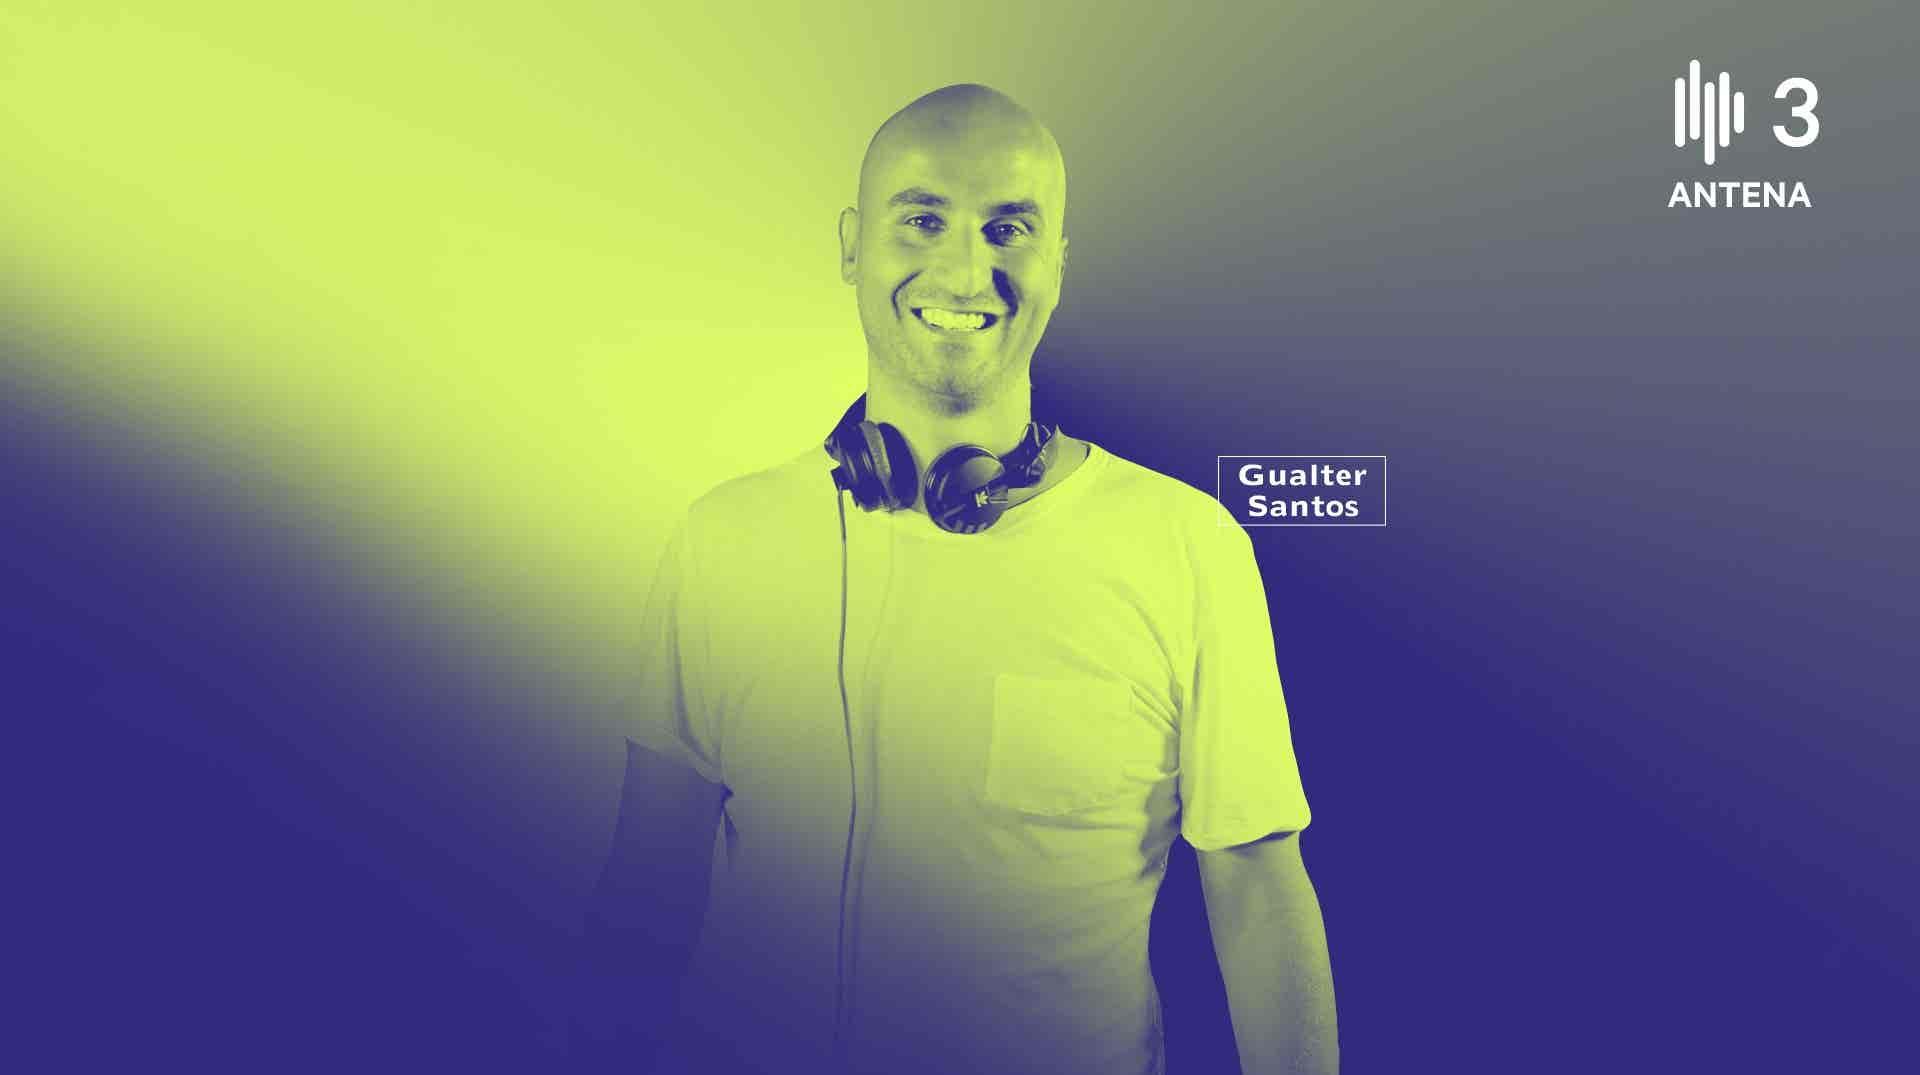 A dança alternativa na Antena 3 com apresentação e DJ set de Gualter Santos - facebook.com/3dantena3 - Instagram: 3d_antena3